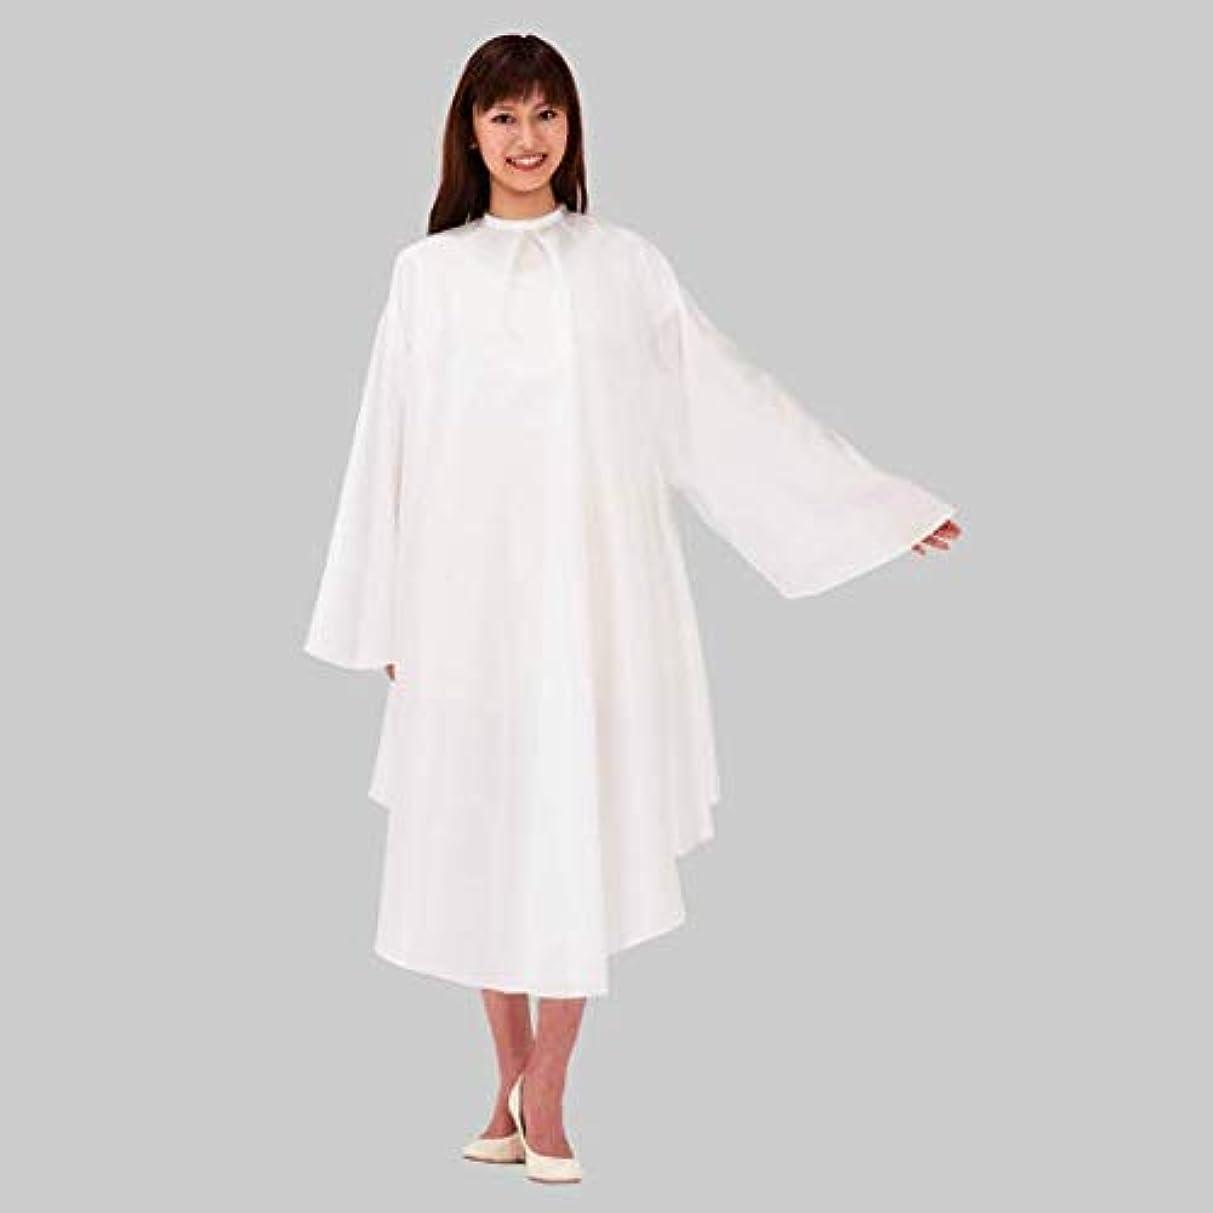 ガジュマル表面的な撤退カトレア 2210 ホワイト ソフティ袖付刈布